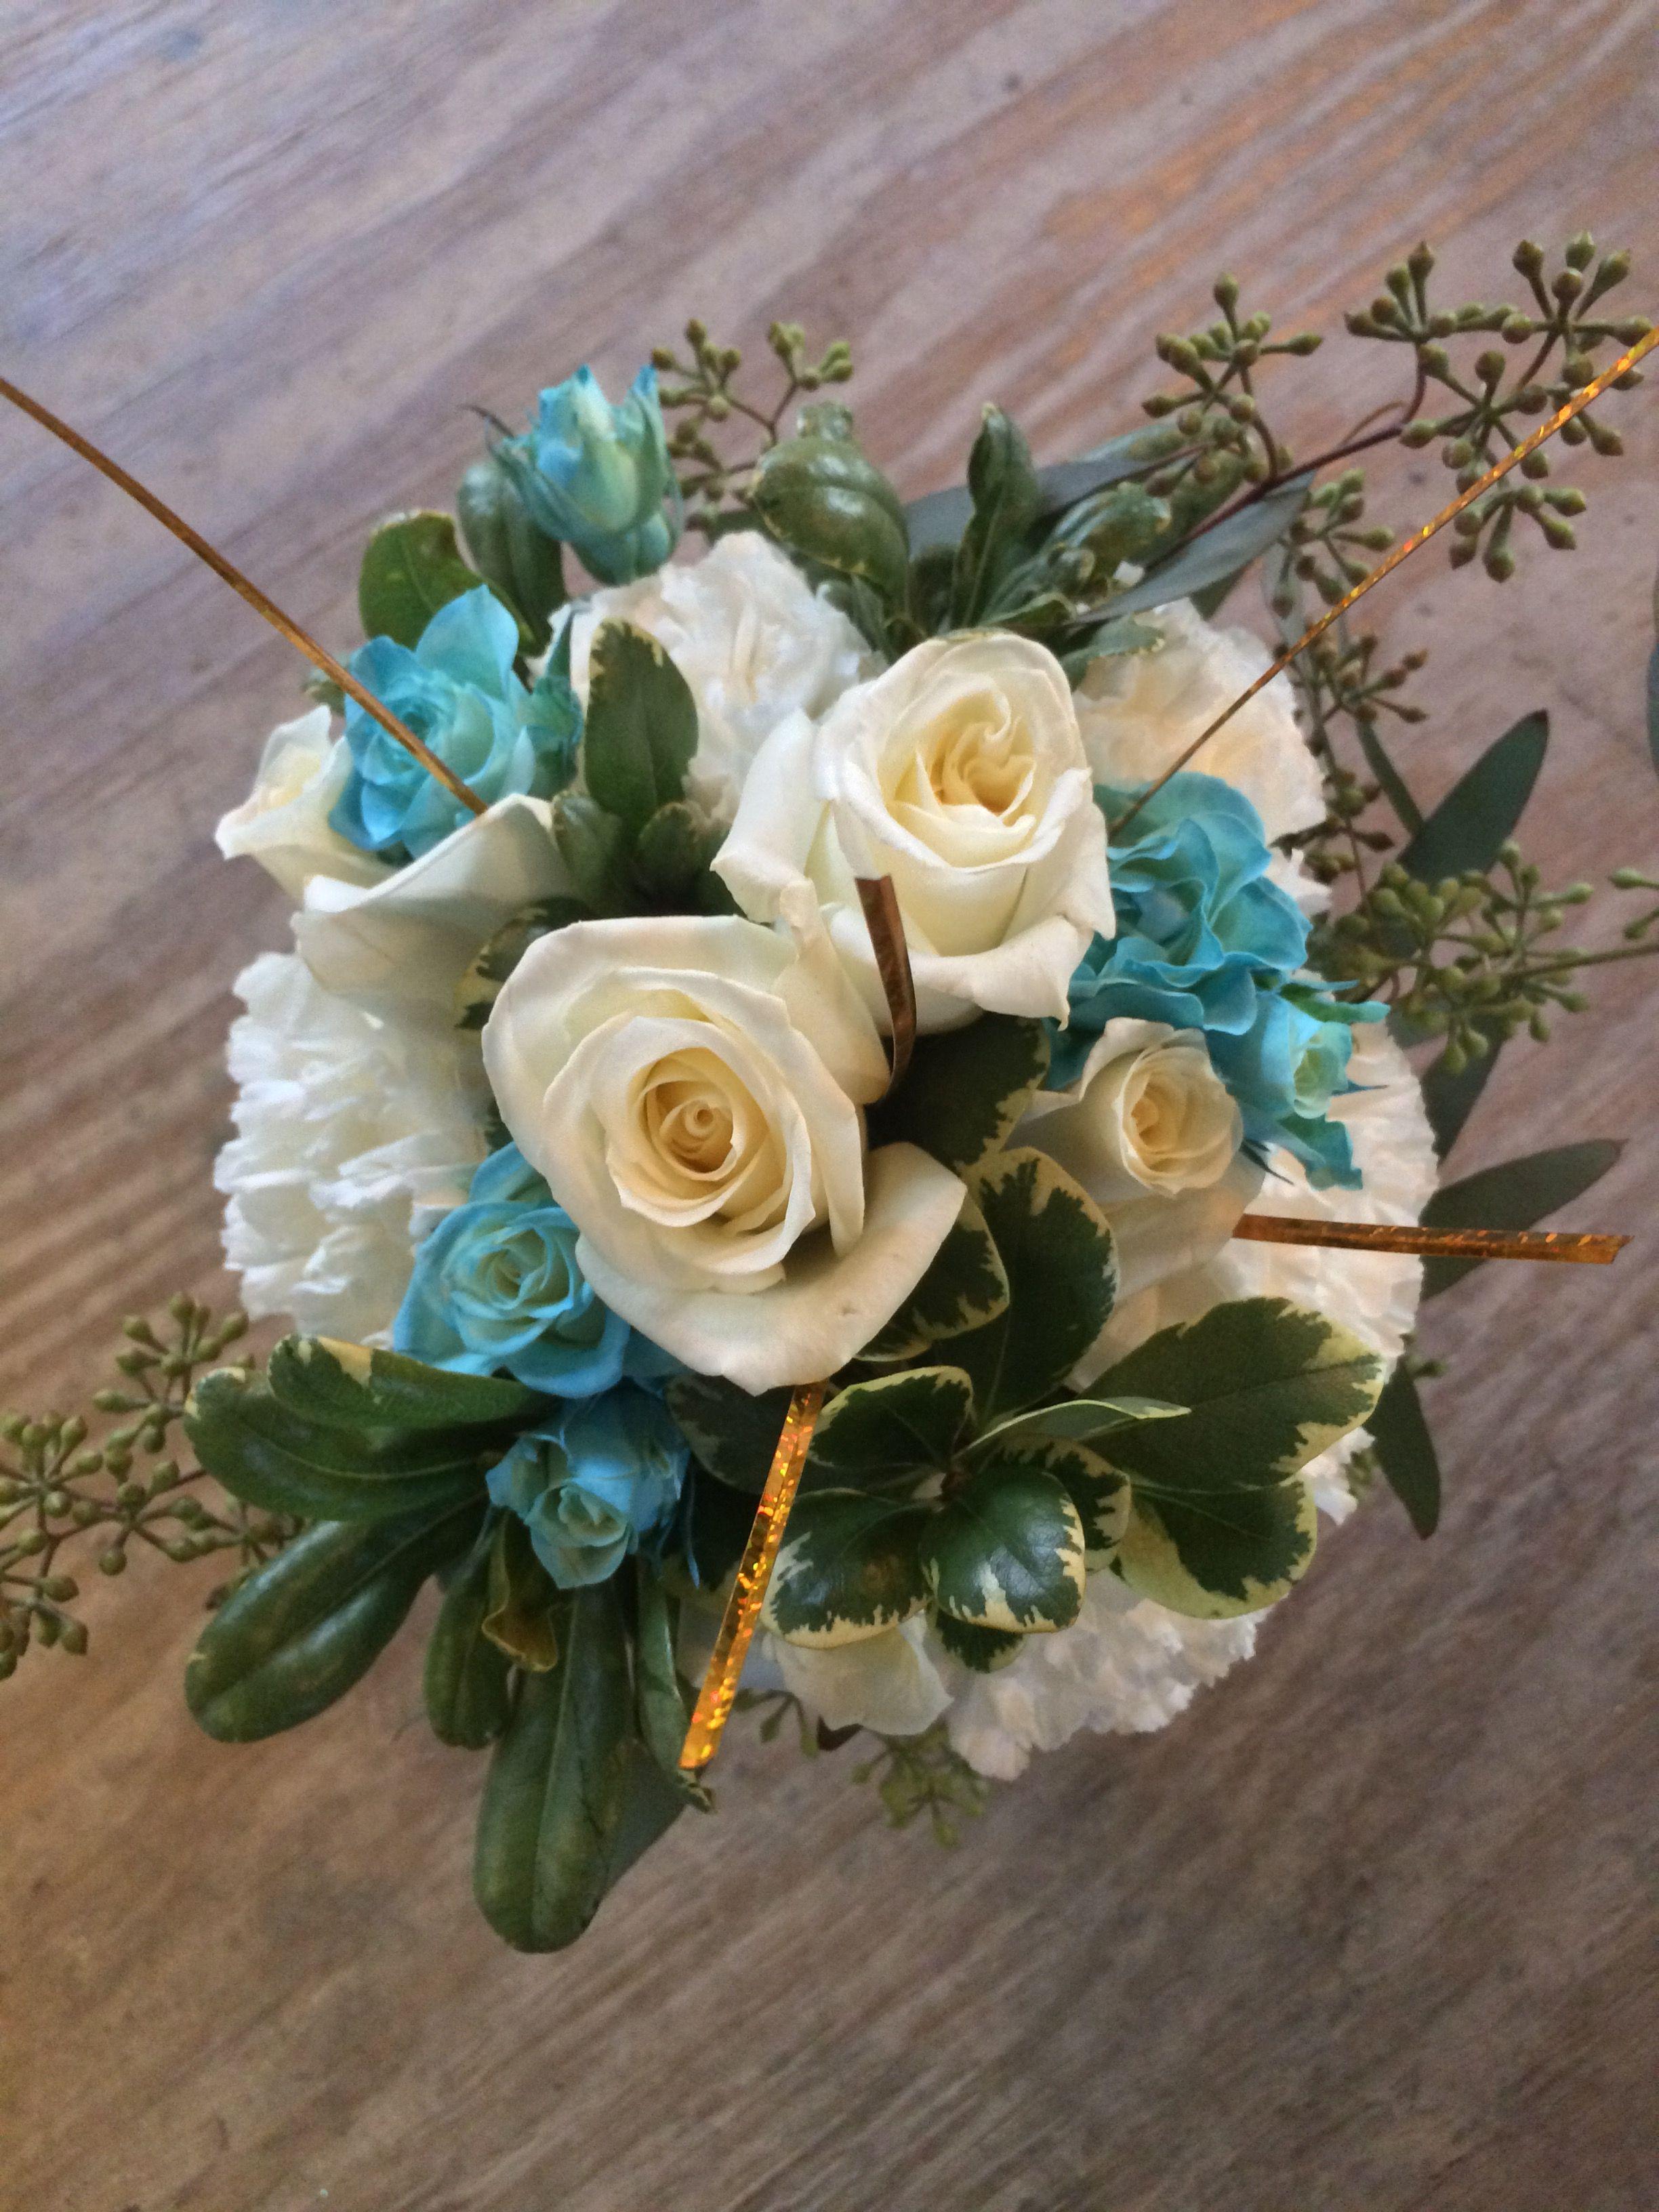 Small bouquet tiffany blue flowers wedding flowers pinterest small bouquet tiffany blue flowers izmirmasajfo